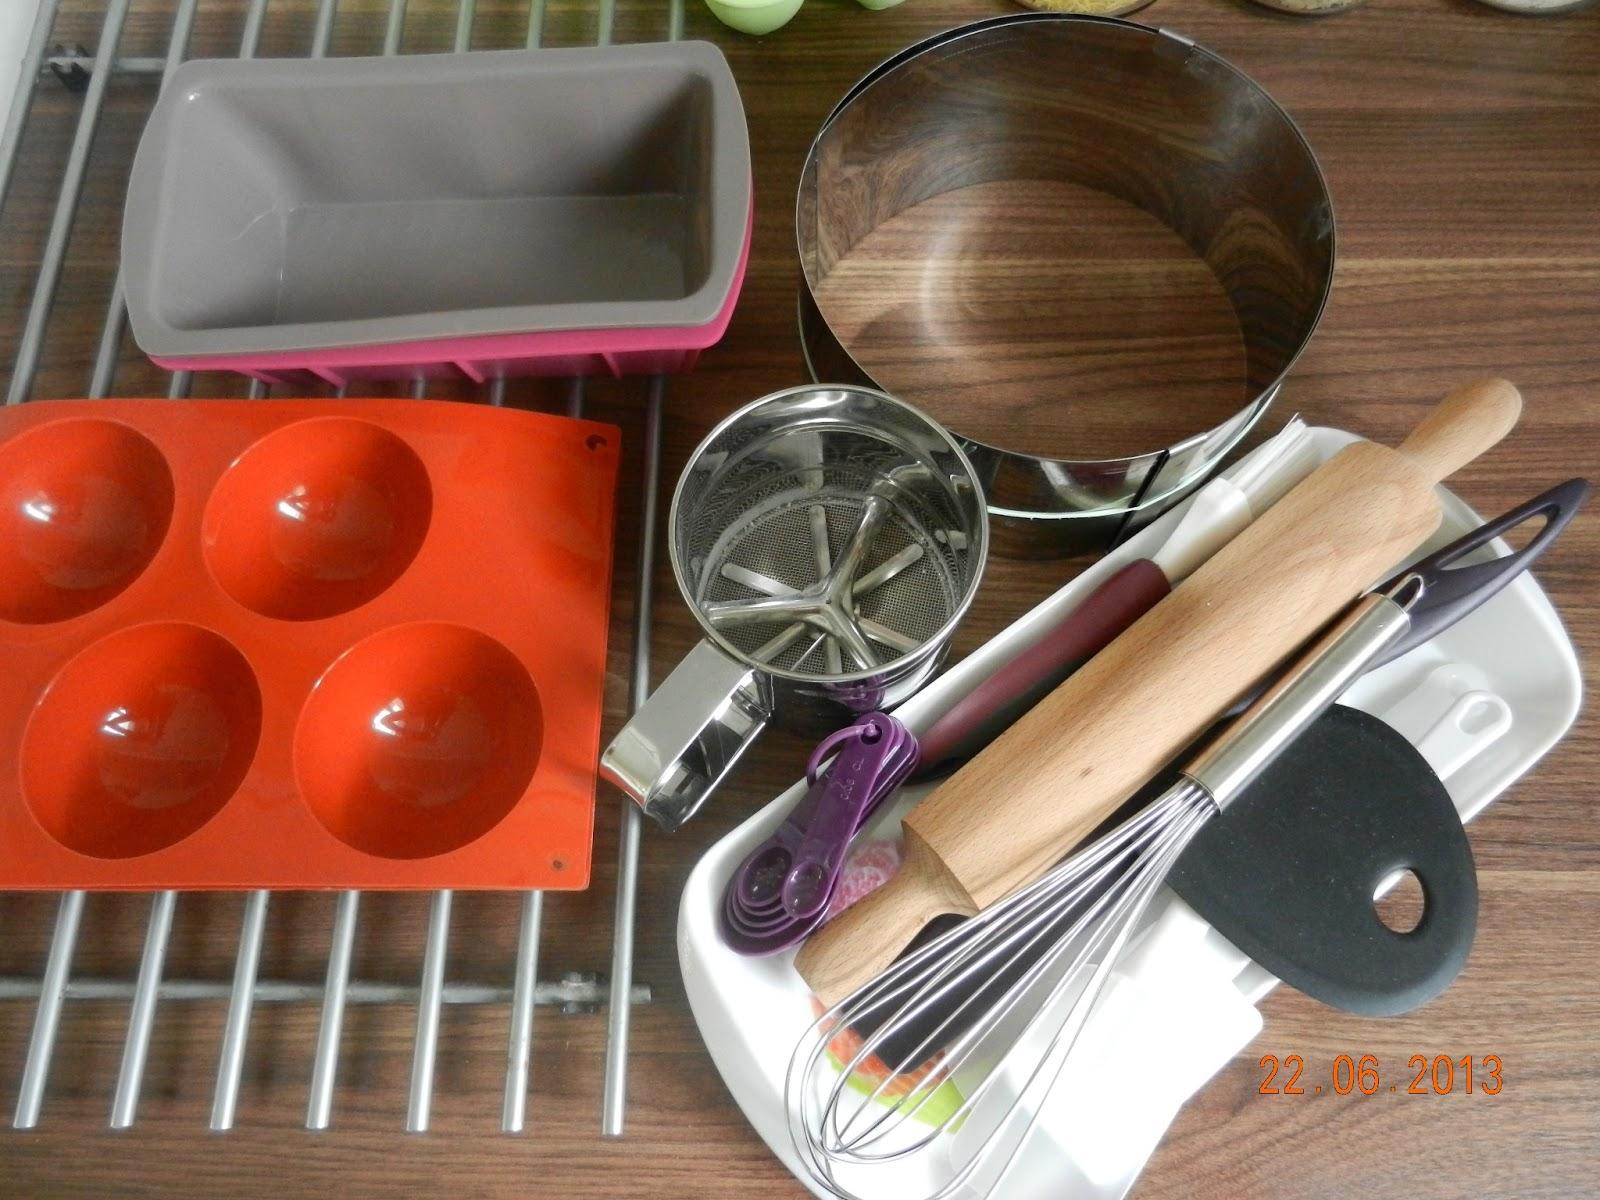 cahier sucr quels sont les ustensiles de base pour d buter en p tisserie. Black Bedroom Furniture Sets. Home Design Ideas